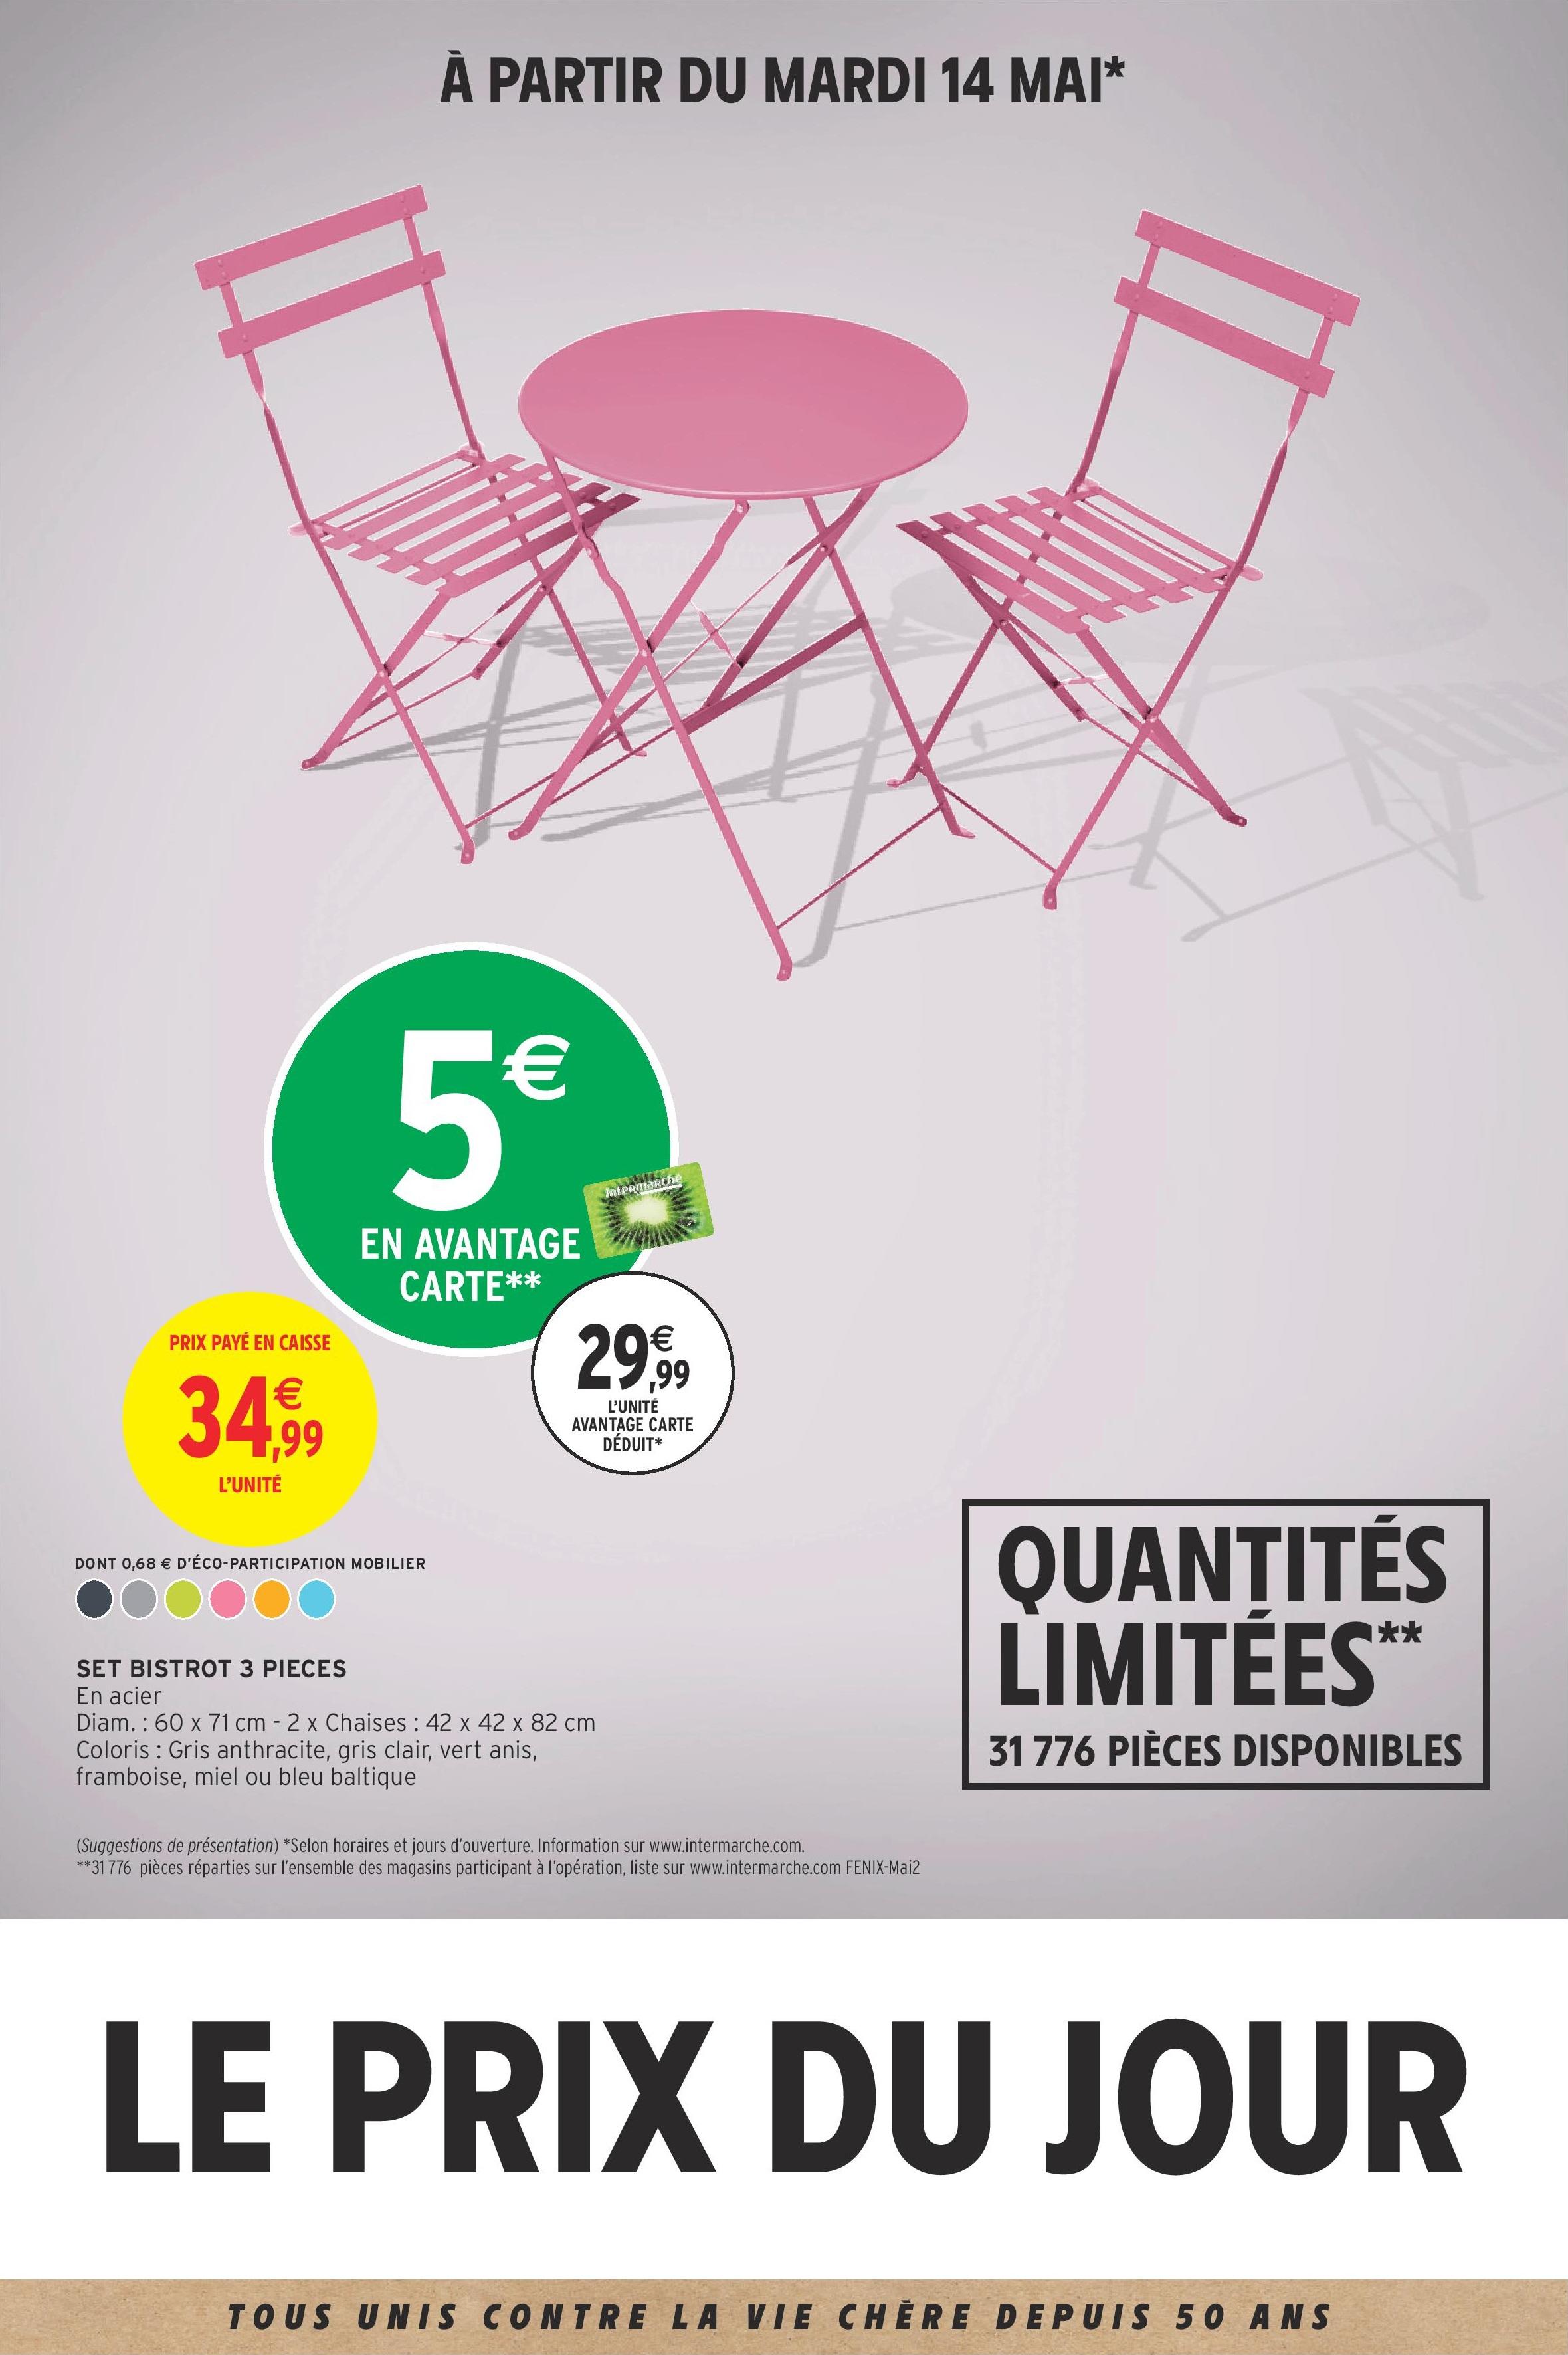 Set bistrot table 60x71 cm + 2 chaises (via 5€ sur la carte fidélité)